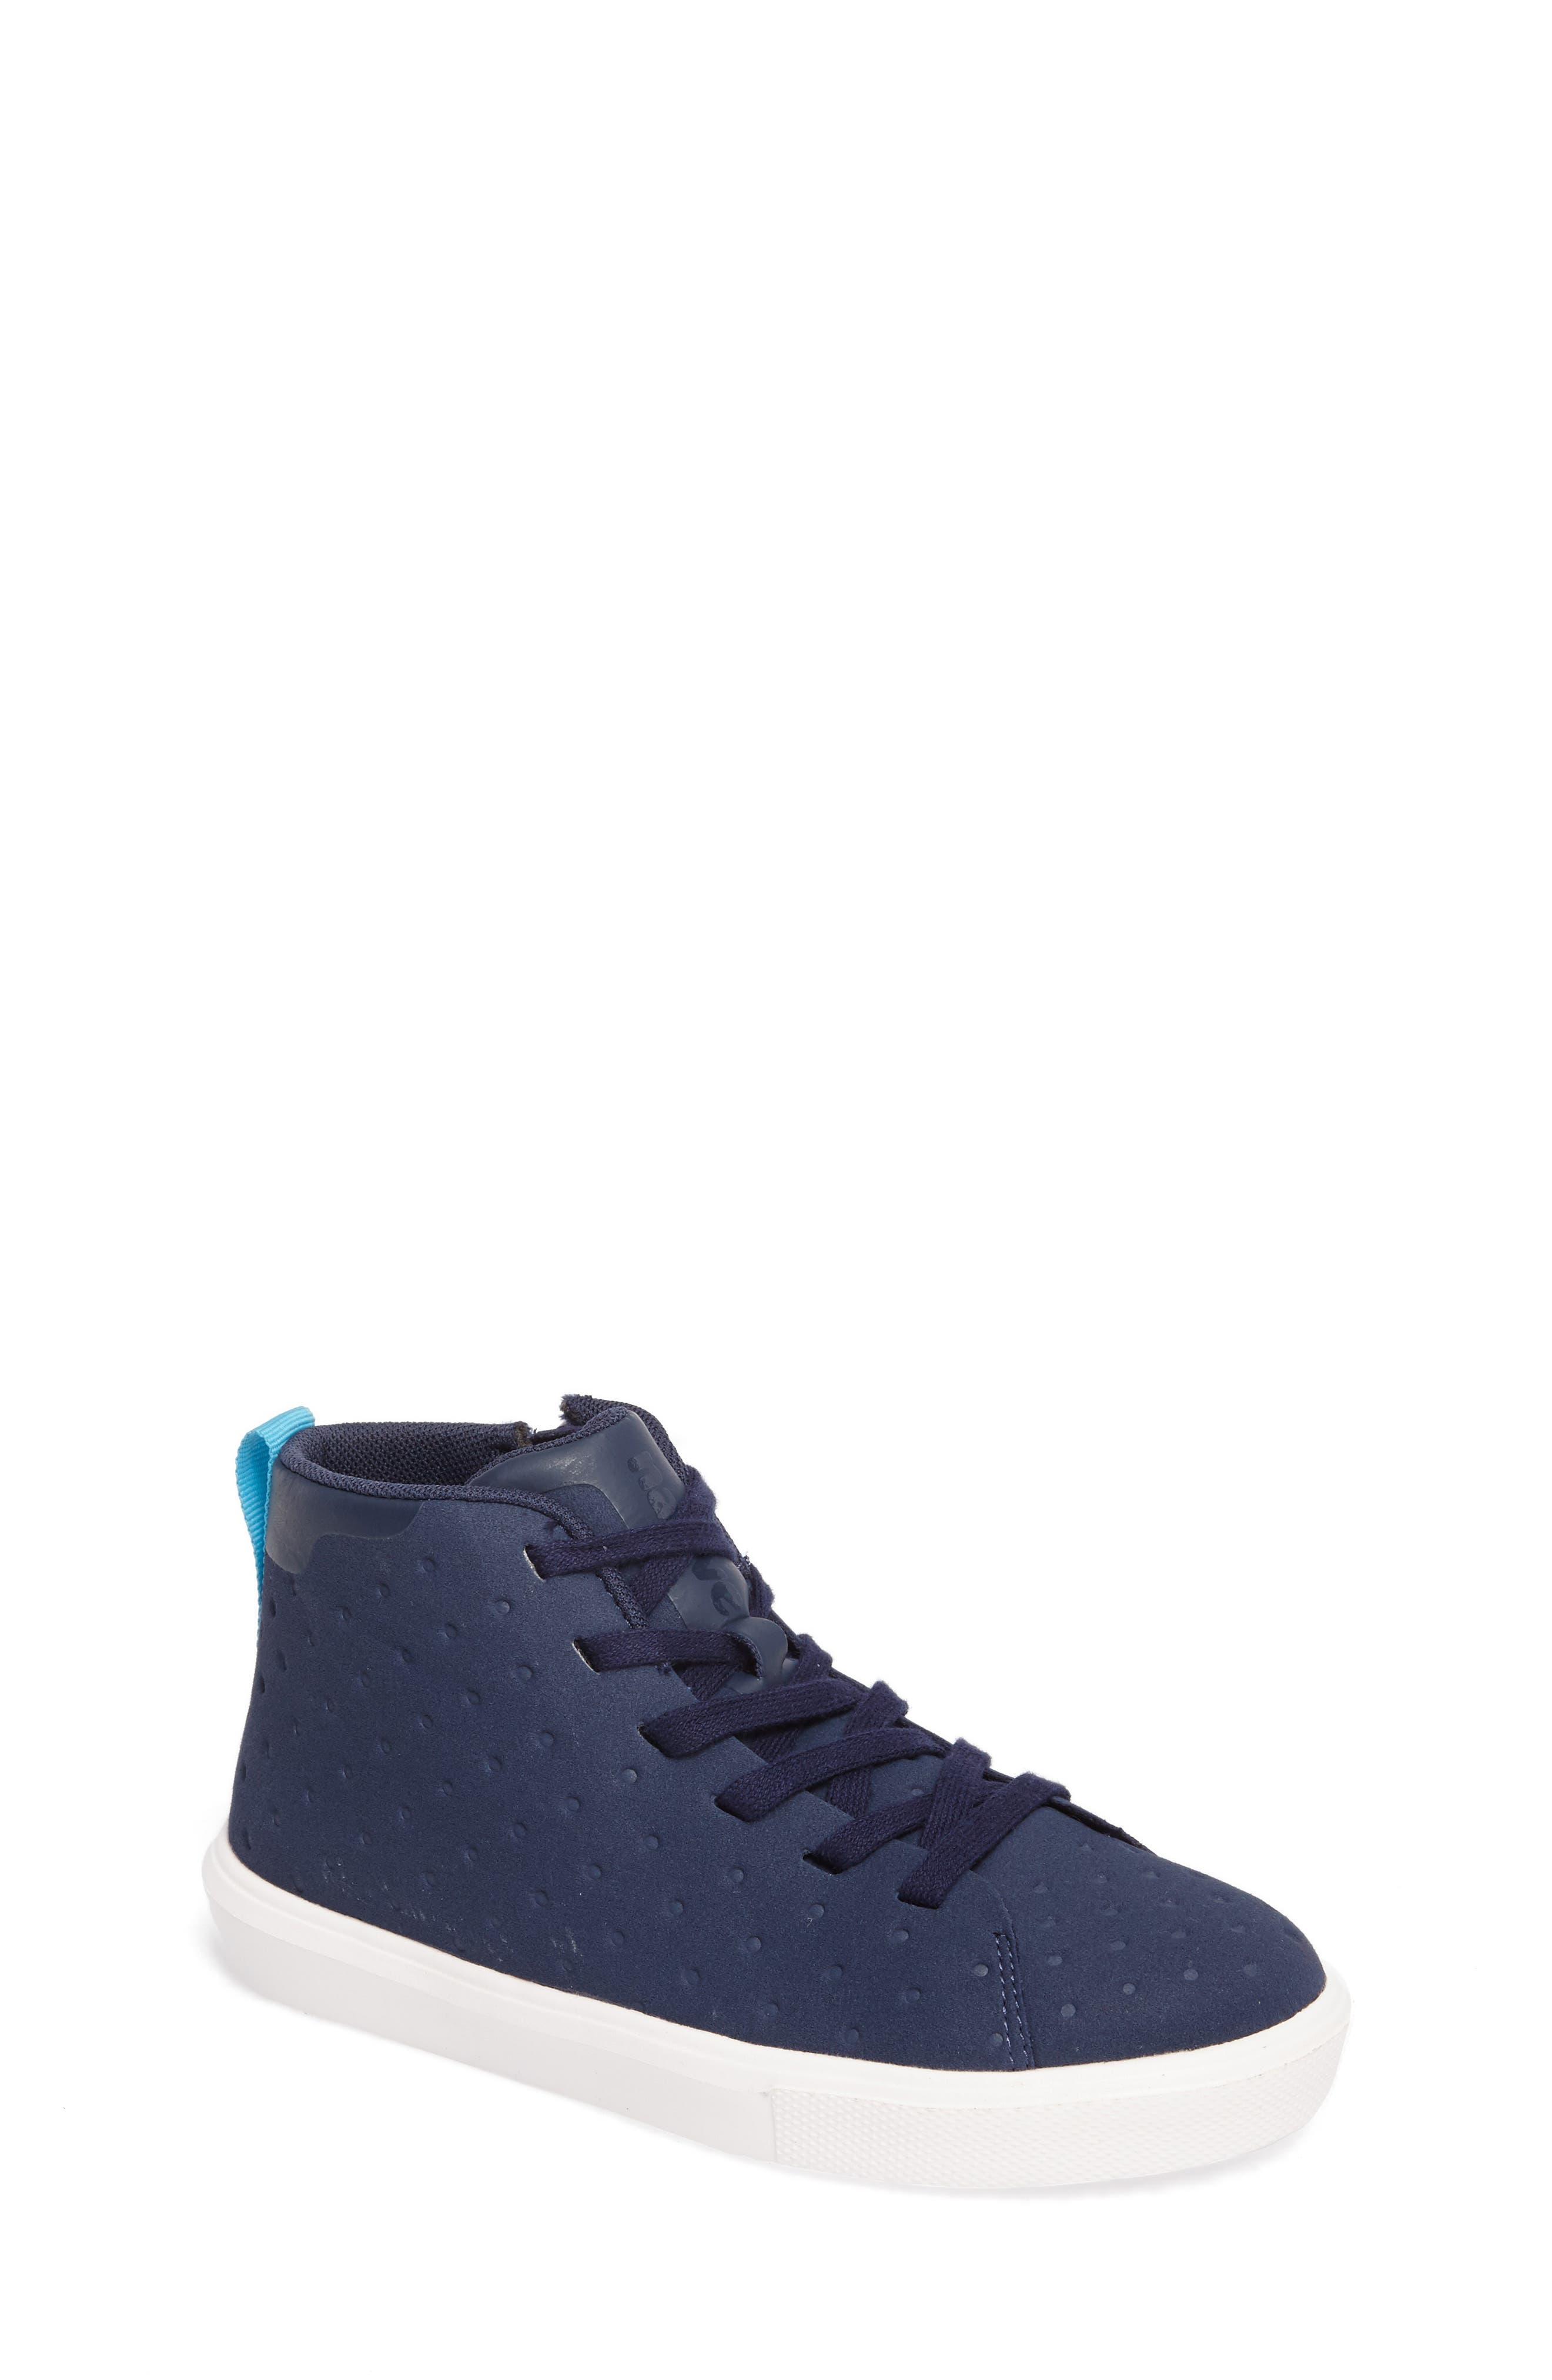 Native Monaco Sneaker,                         Main,                         color, Regatta Blue/ Shell White